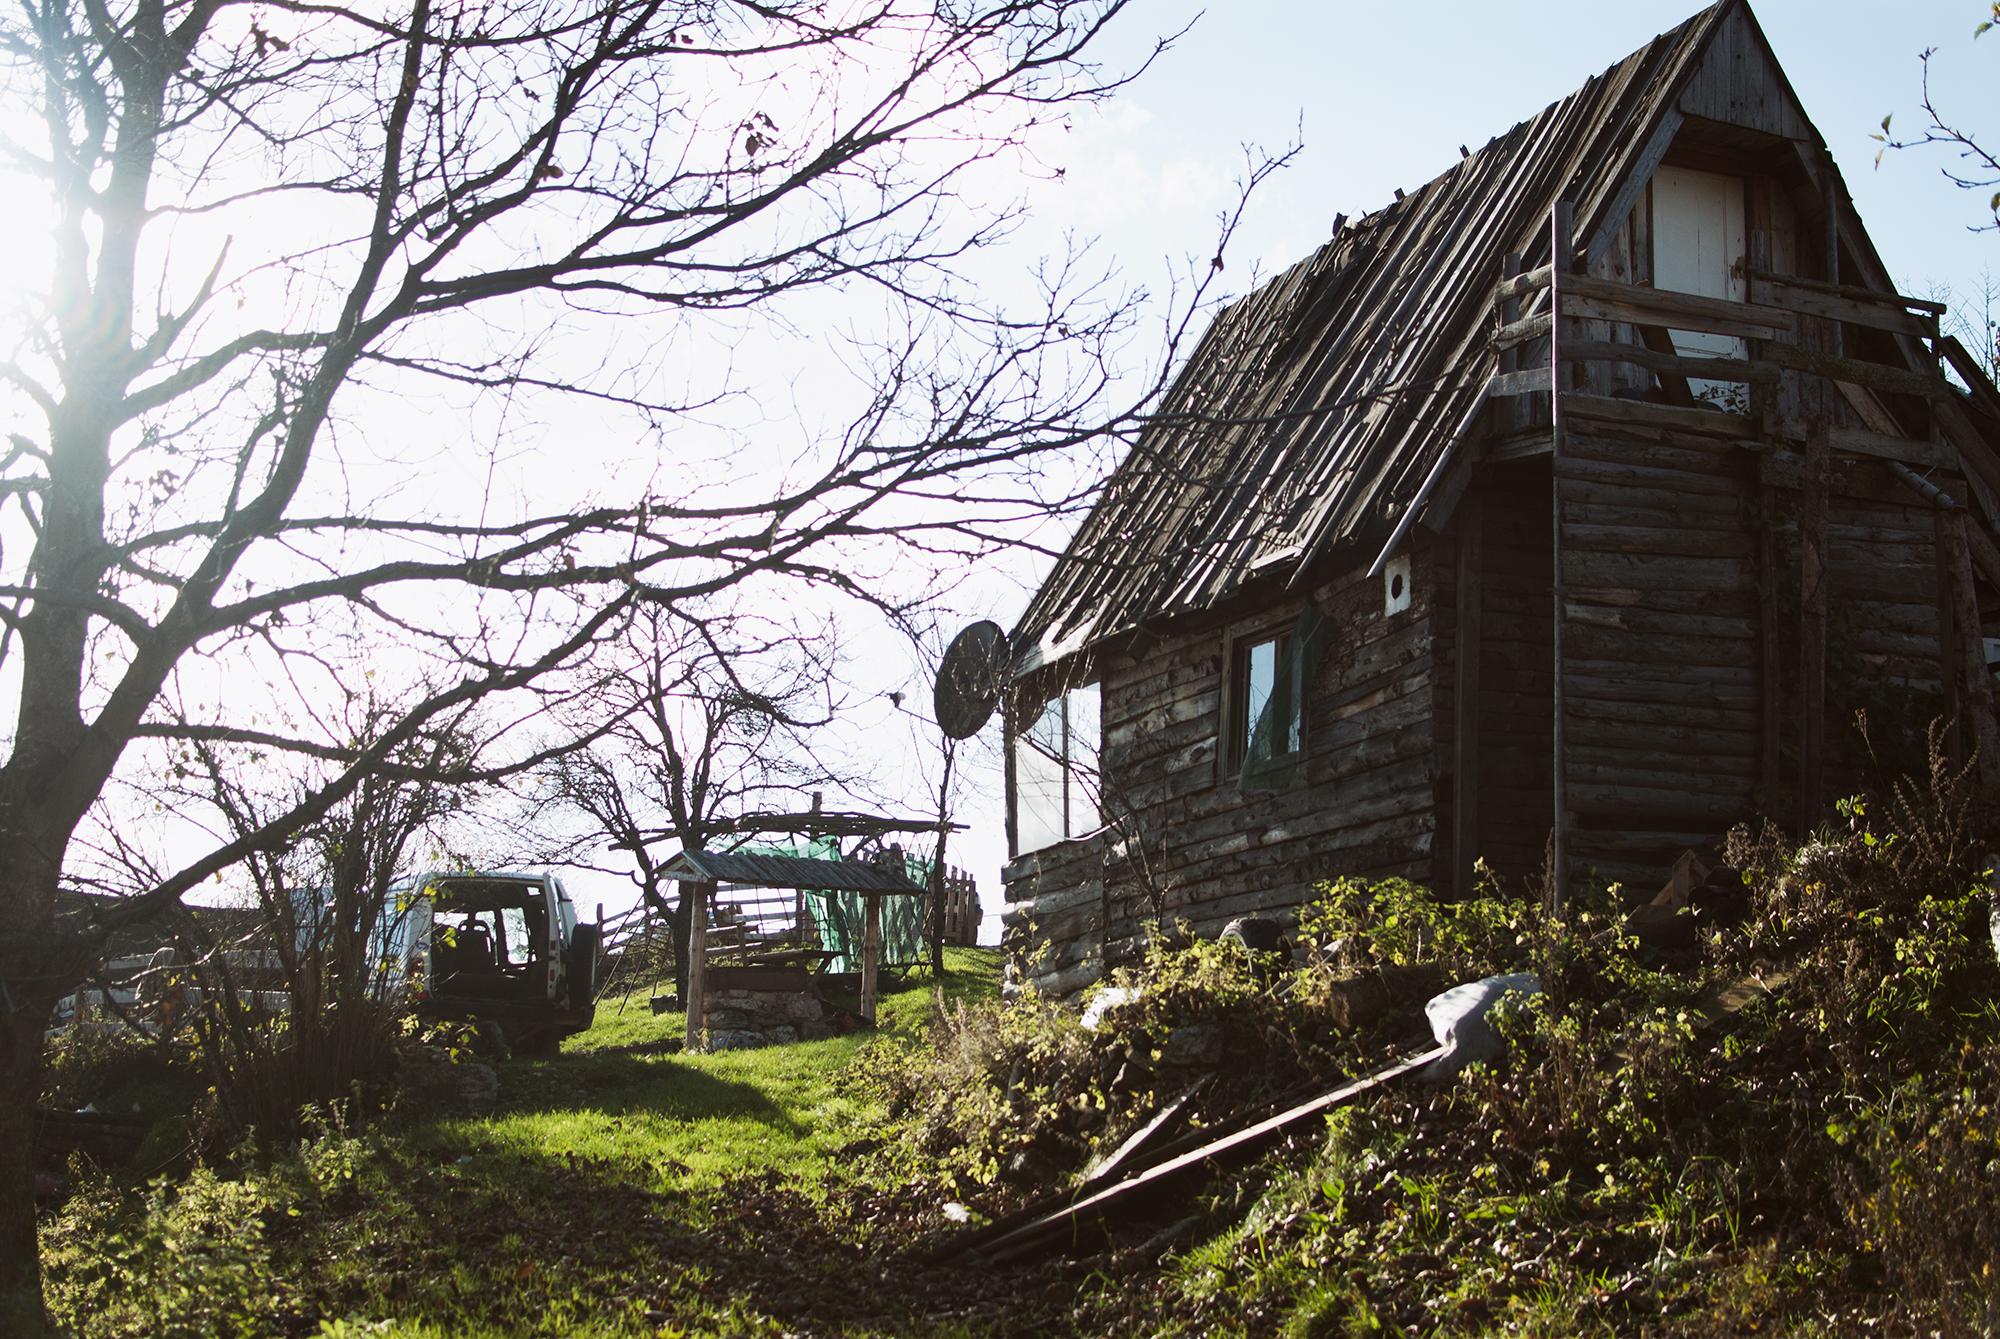 The Hut - Skakavac, 2014